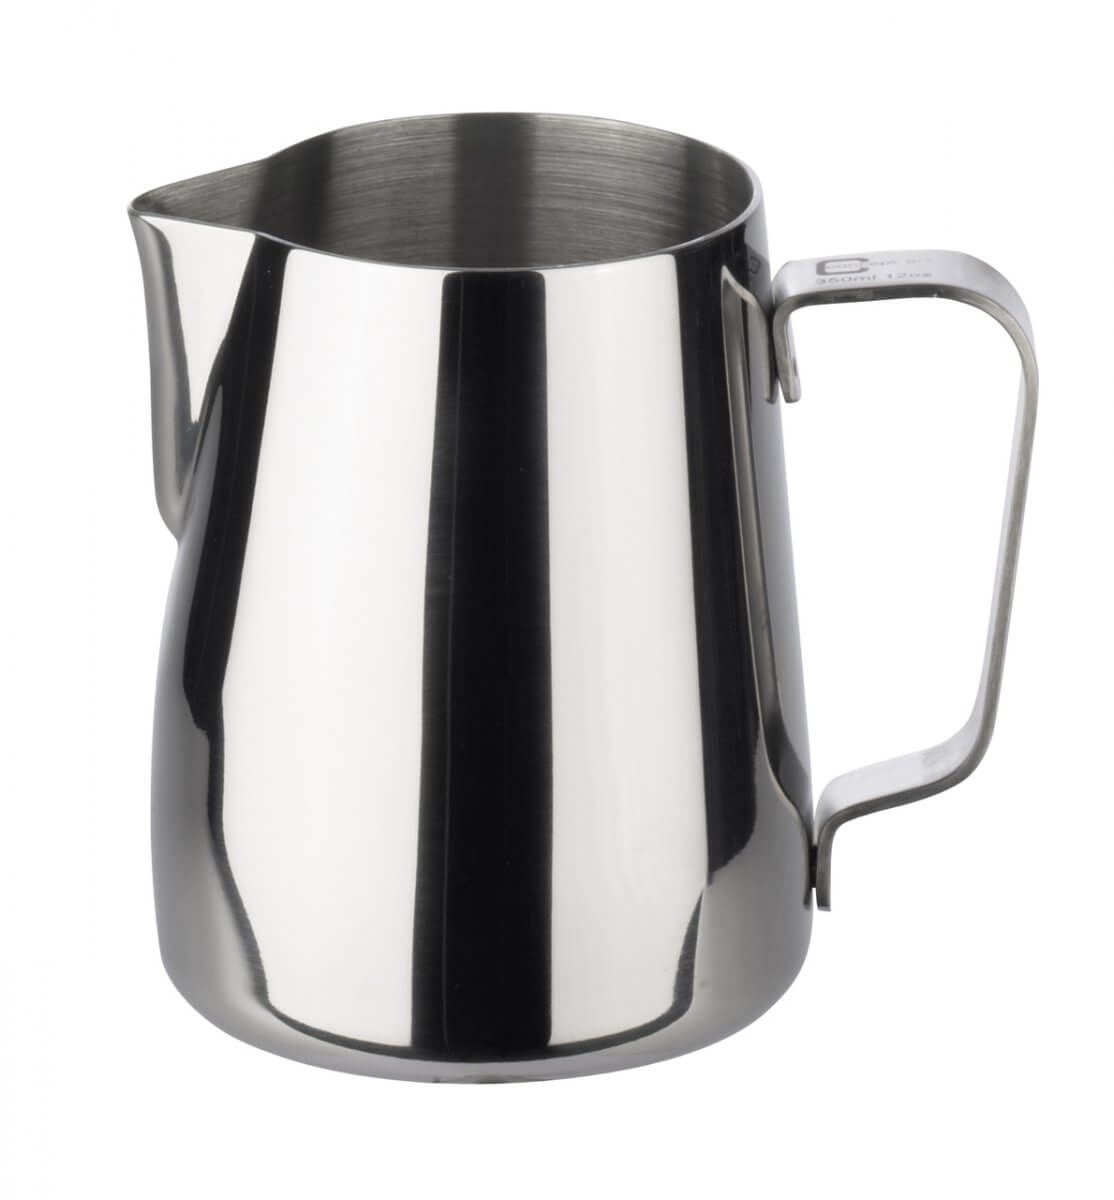 Pichet à lait - acier- 350ml - [JoeFrex]®